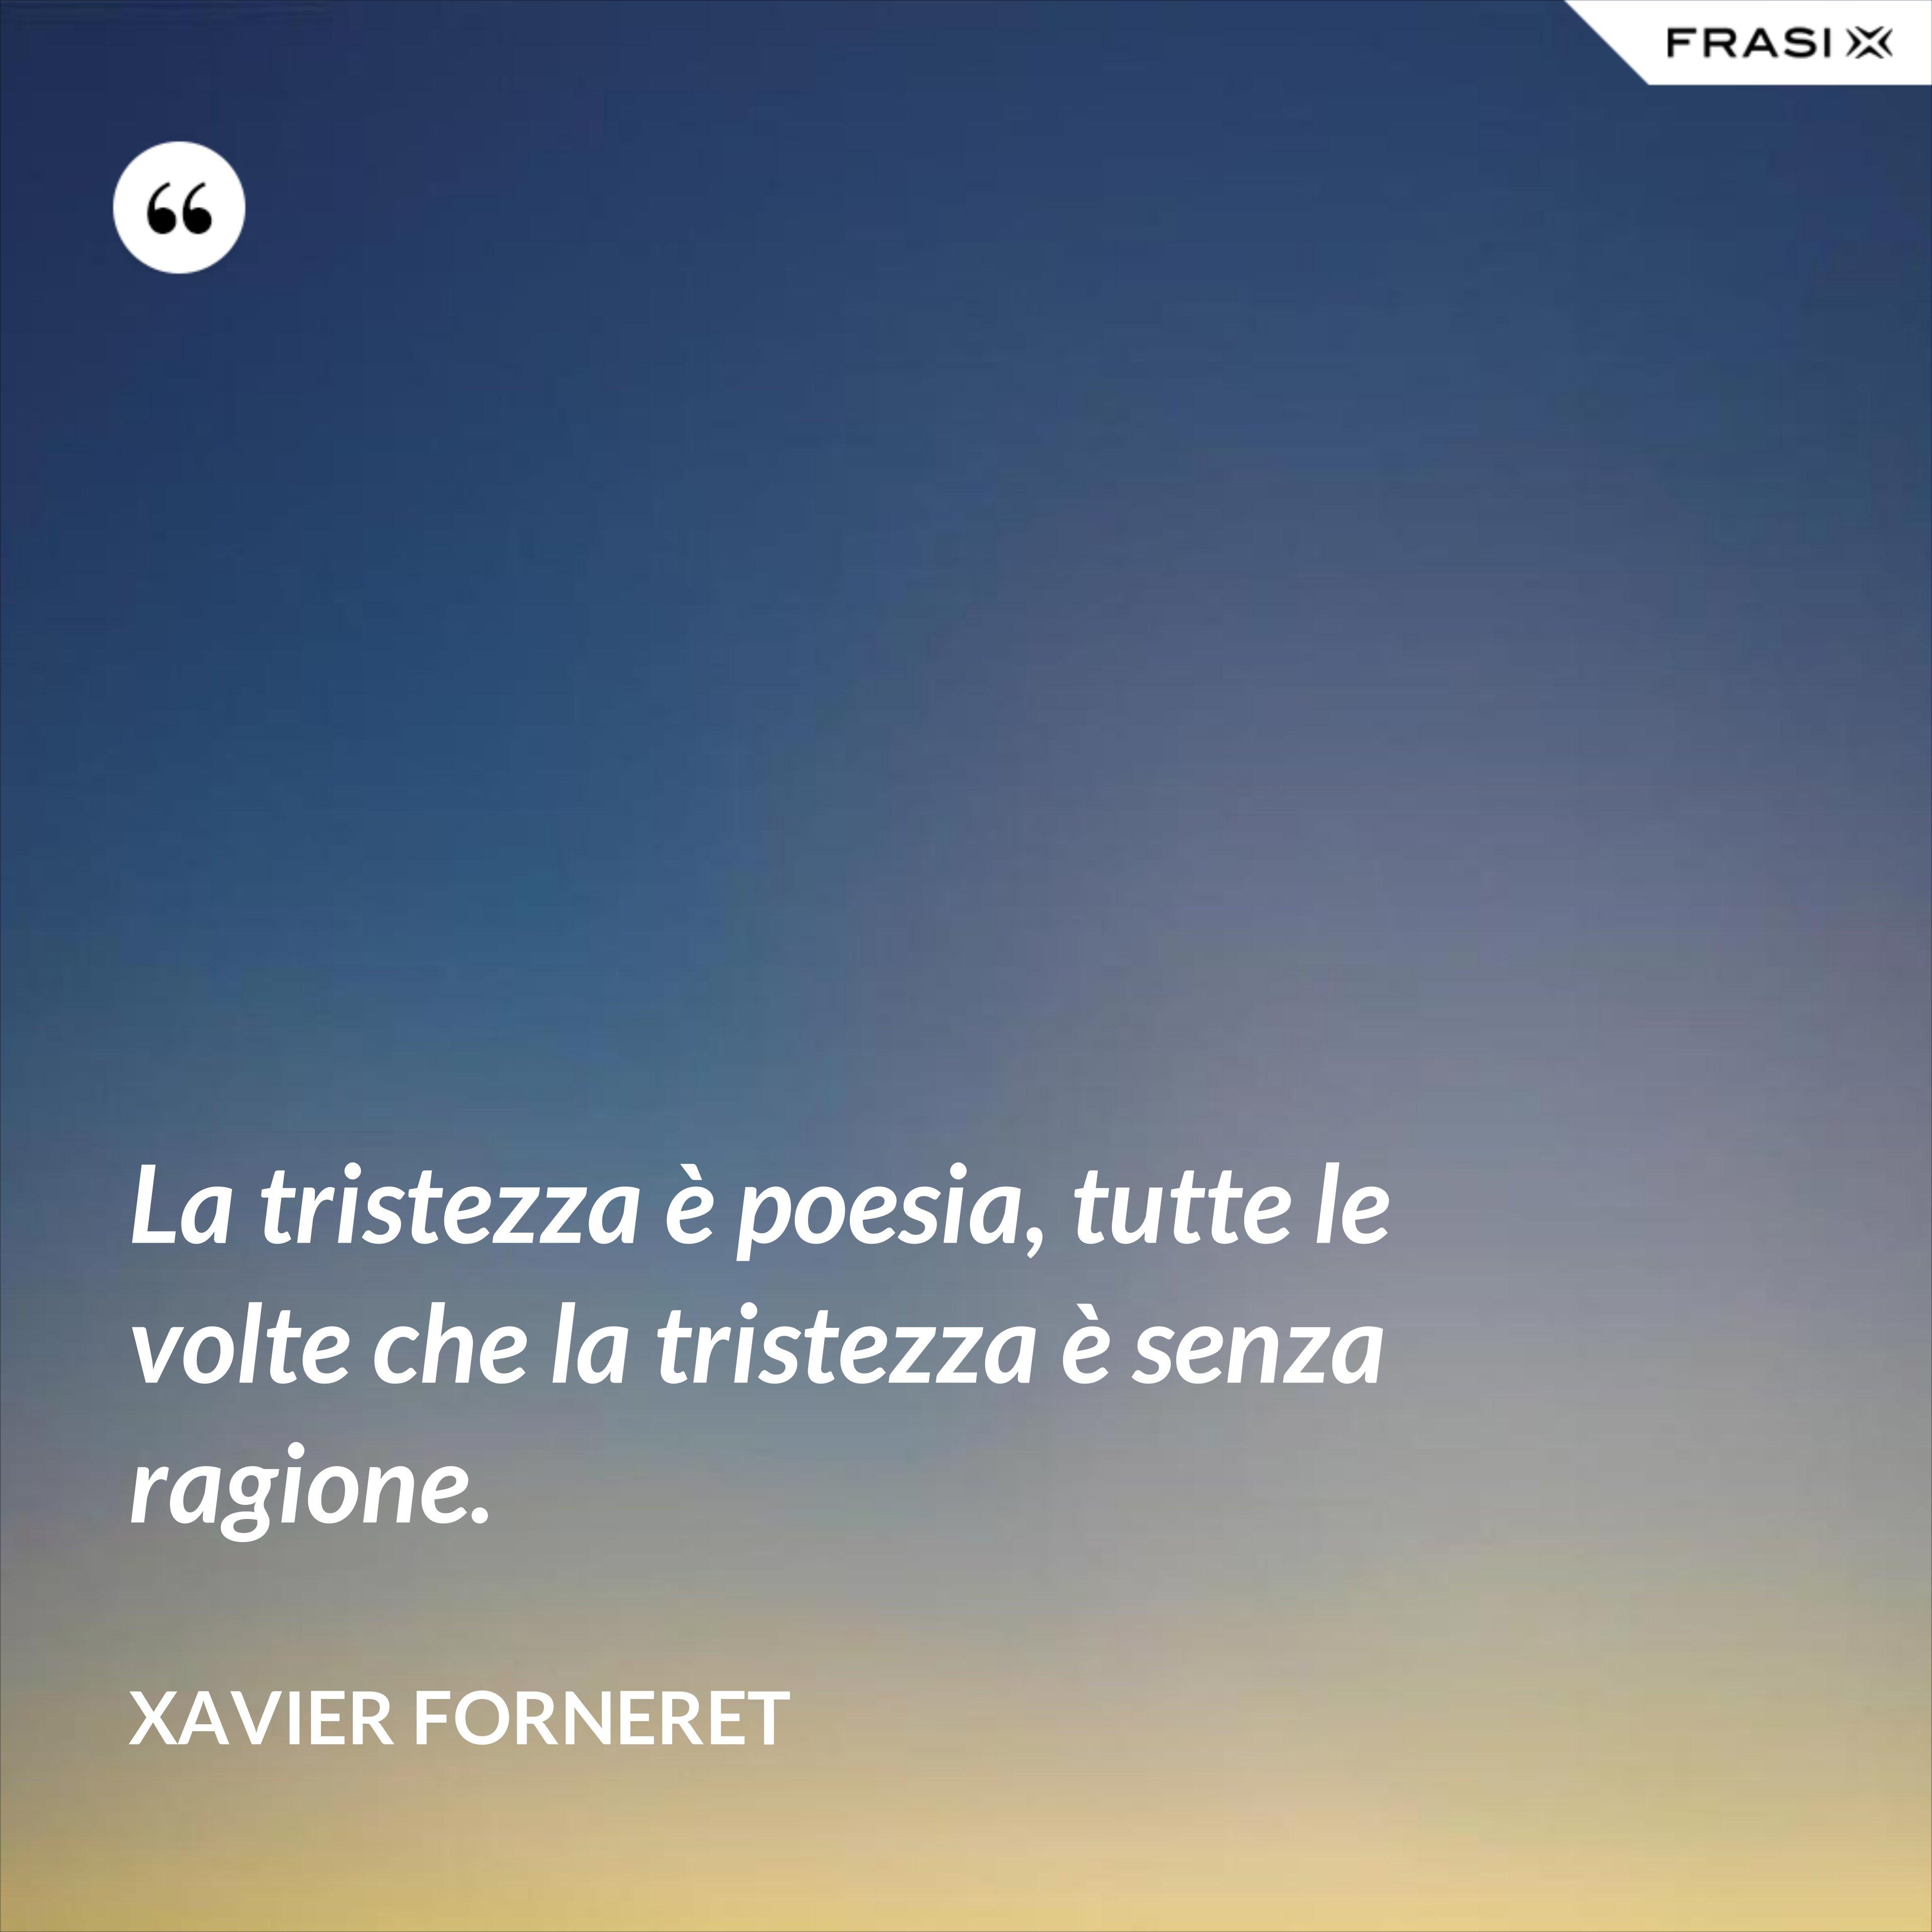 La tristezza è poesia, tutte le volte che la tristezza è senza ragione. - Xavier Forneret